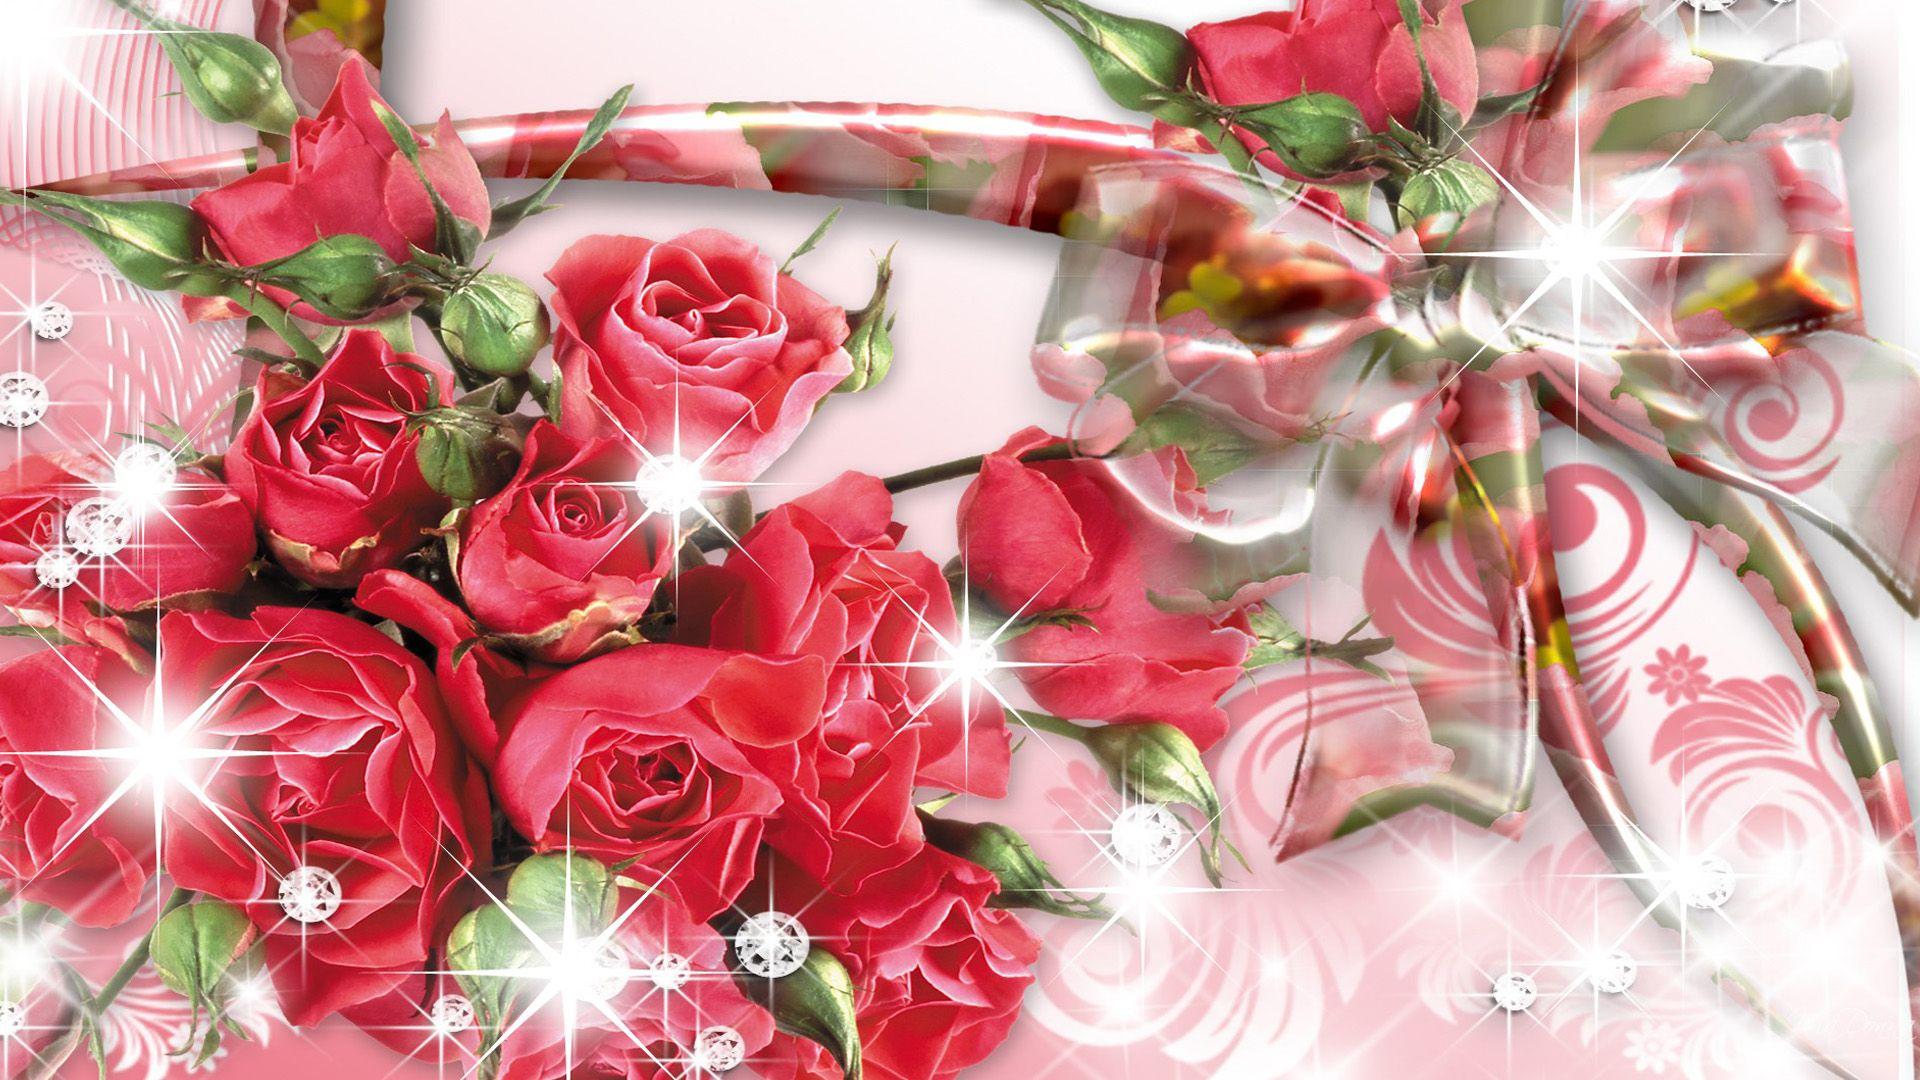 Roses Flower Roses Photos Roses Wallpaper For Your Desktop Red 1920 1080 Wallpaper Of Rose 39 Red Roses Wallpaper Rose Wallpaper Wallpaper Iphone Christmas